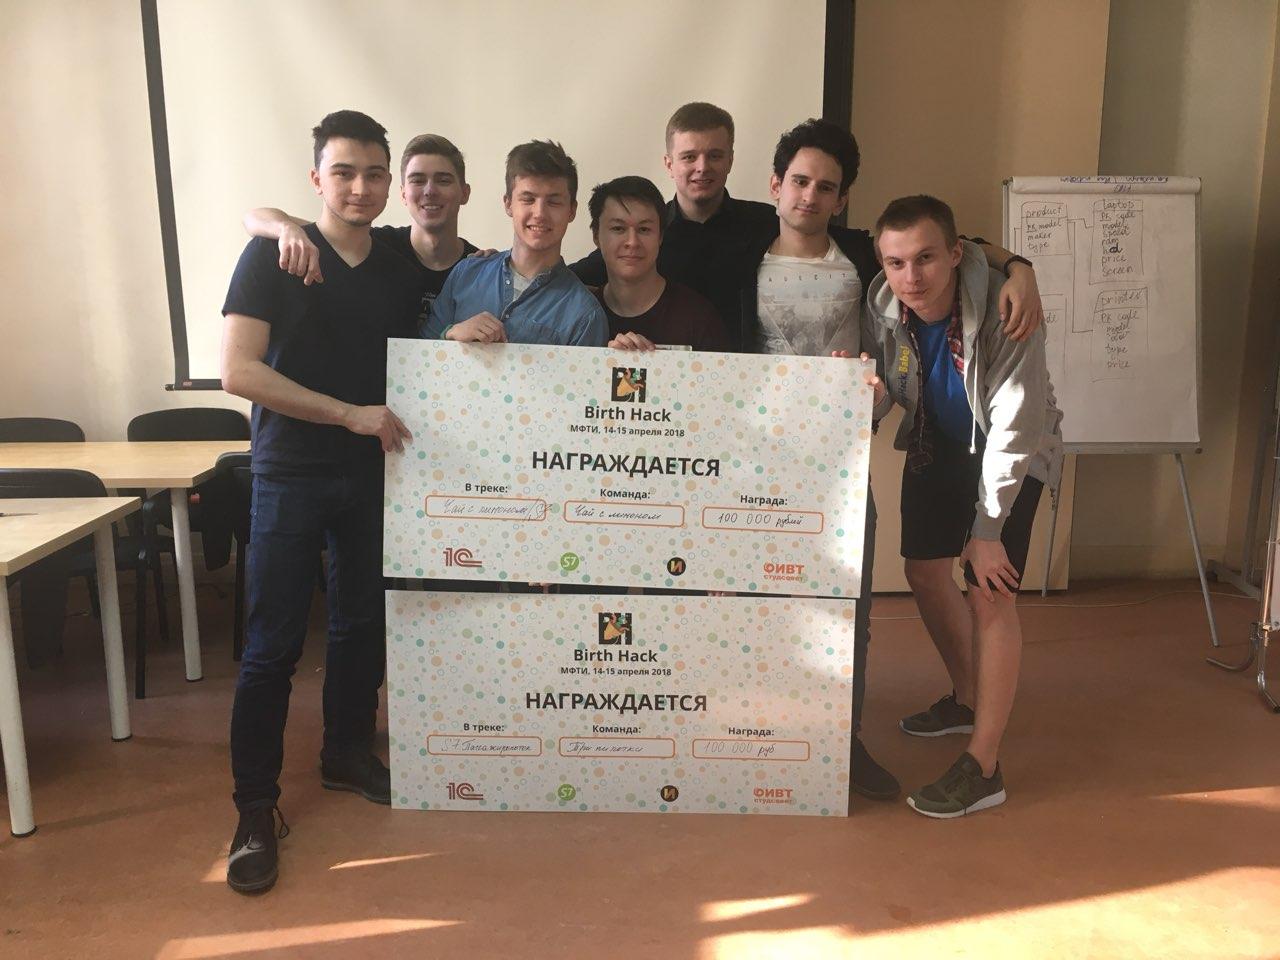 Как заработать на порно, побеждая в хакатонах. Советы победителя, интервью с Артемом Куприяновым - 2